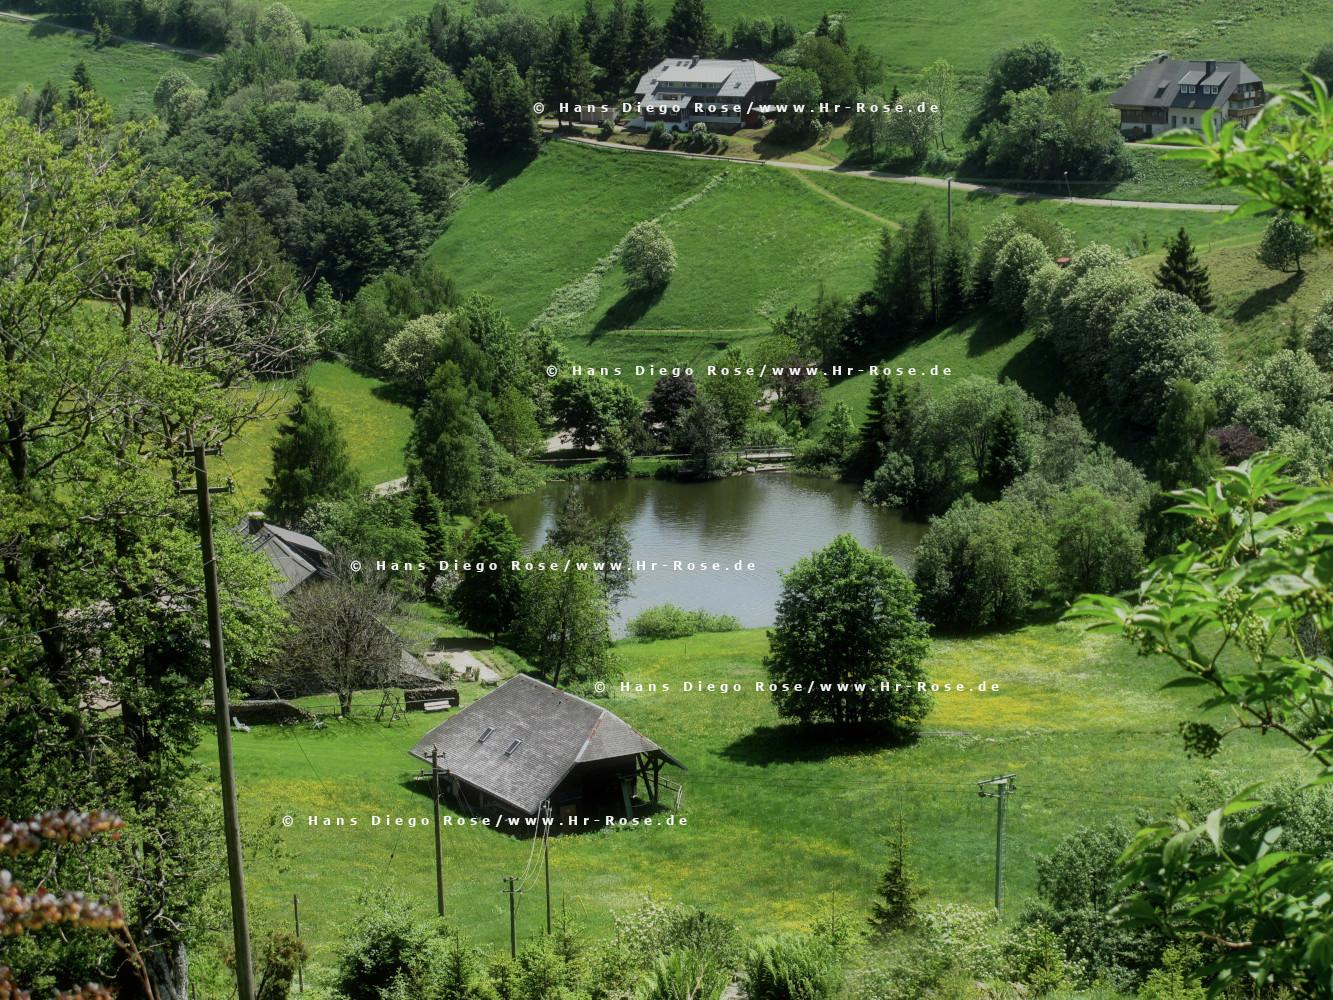 Fotokurse in Spanien, Teneriffa und im Schwarzwald